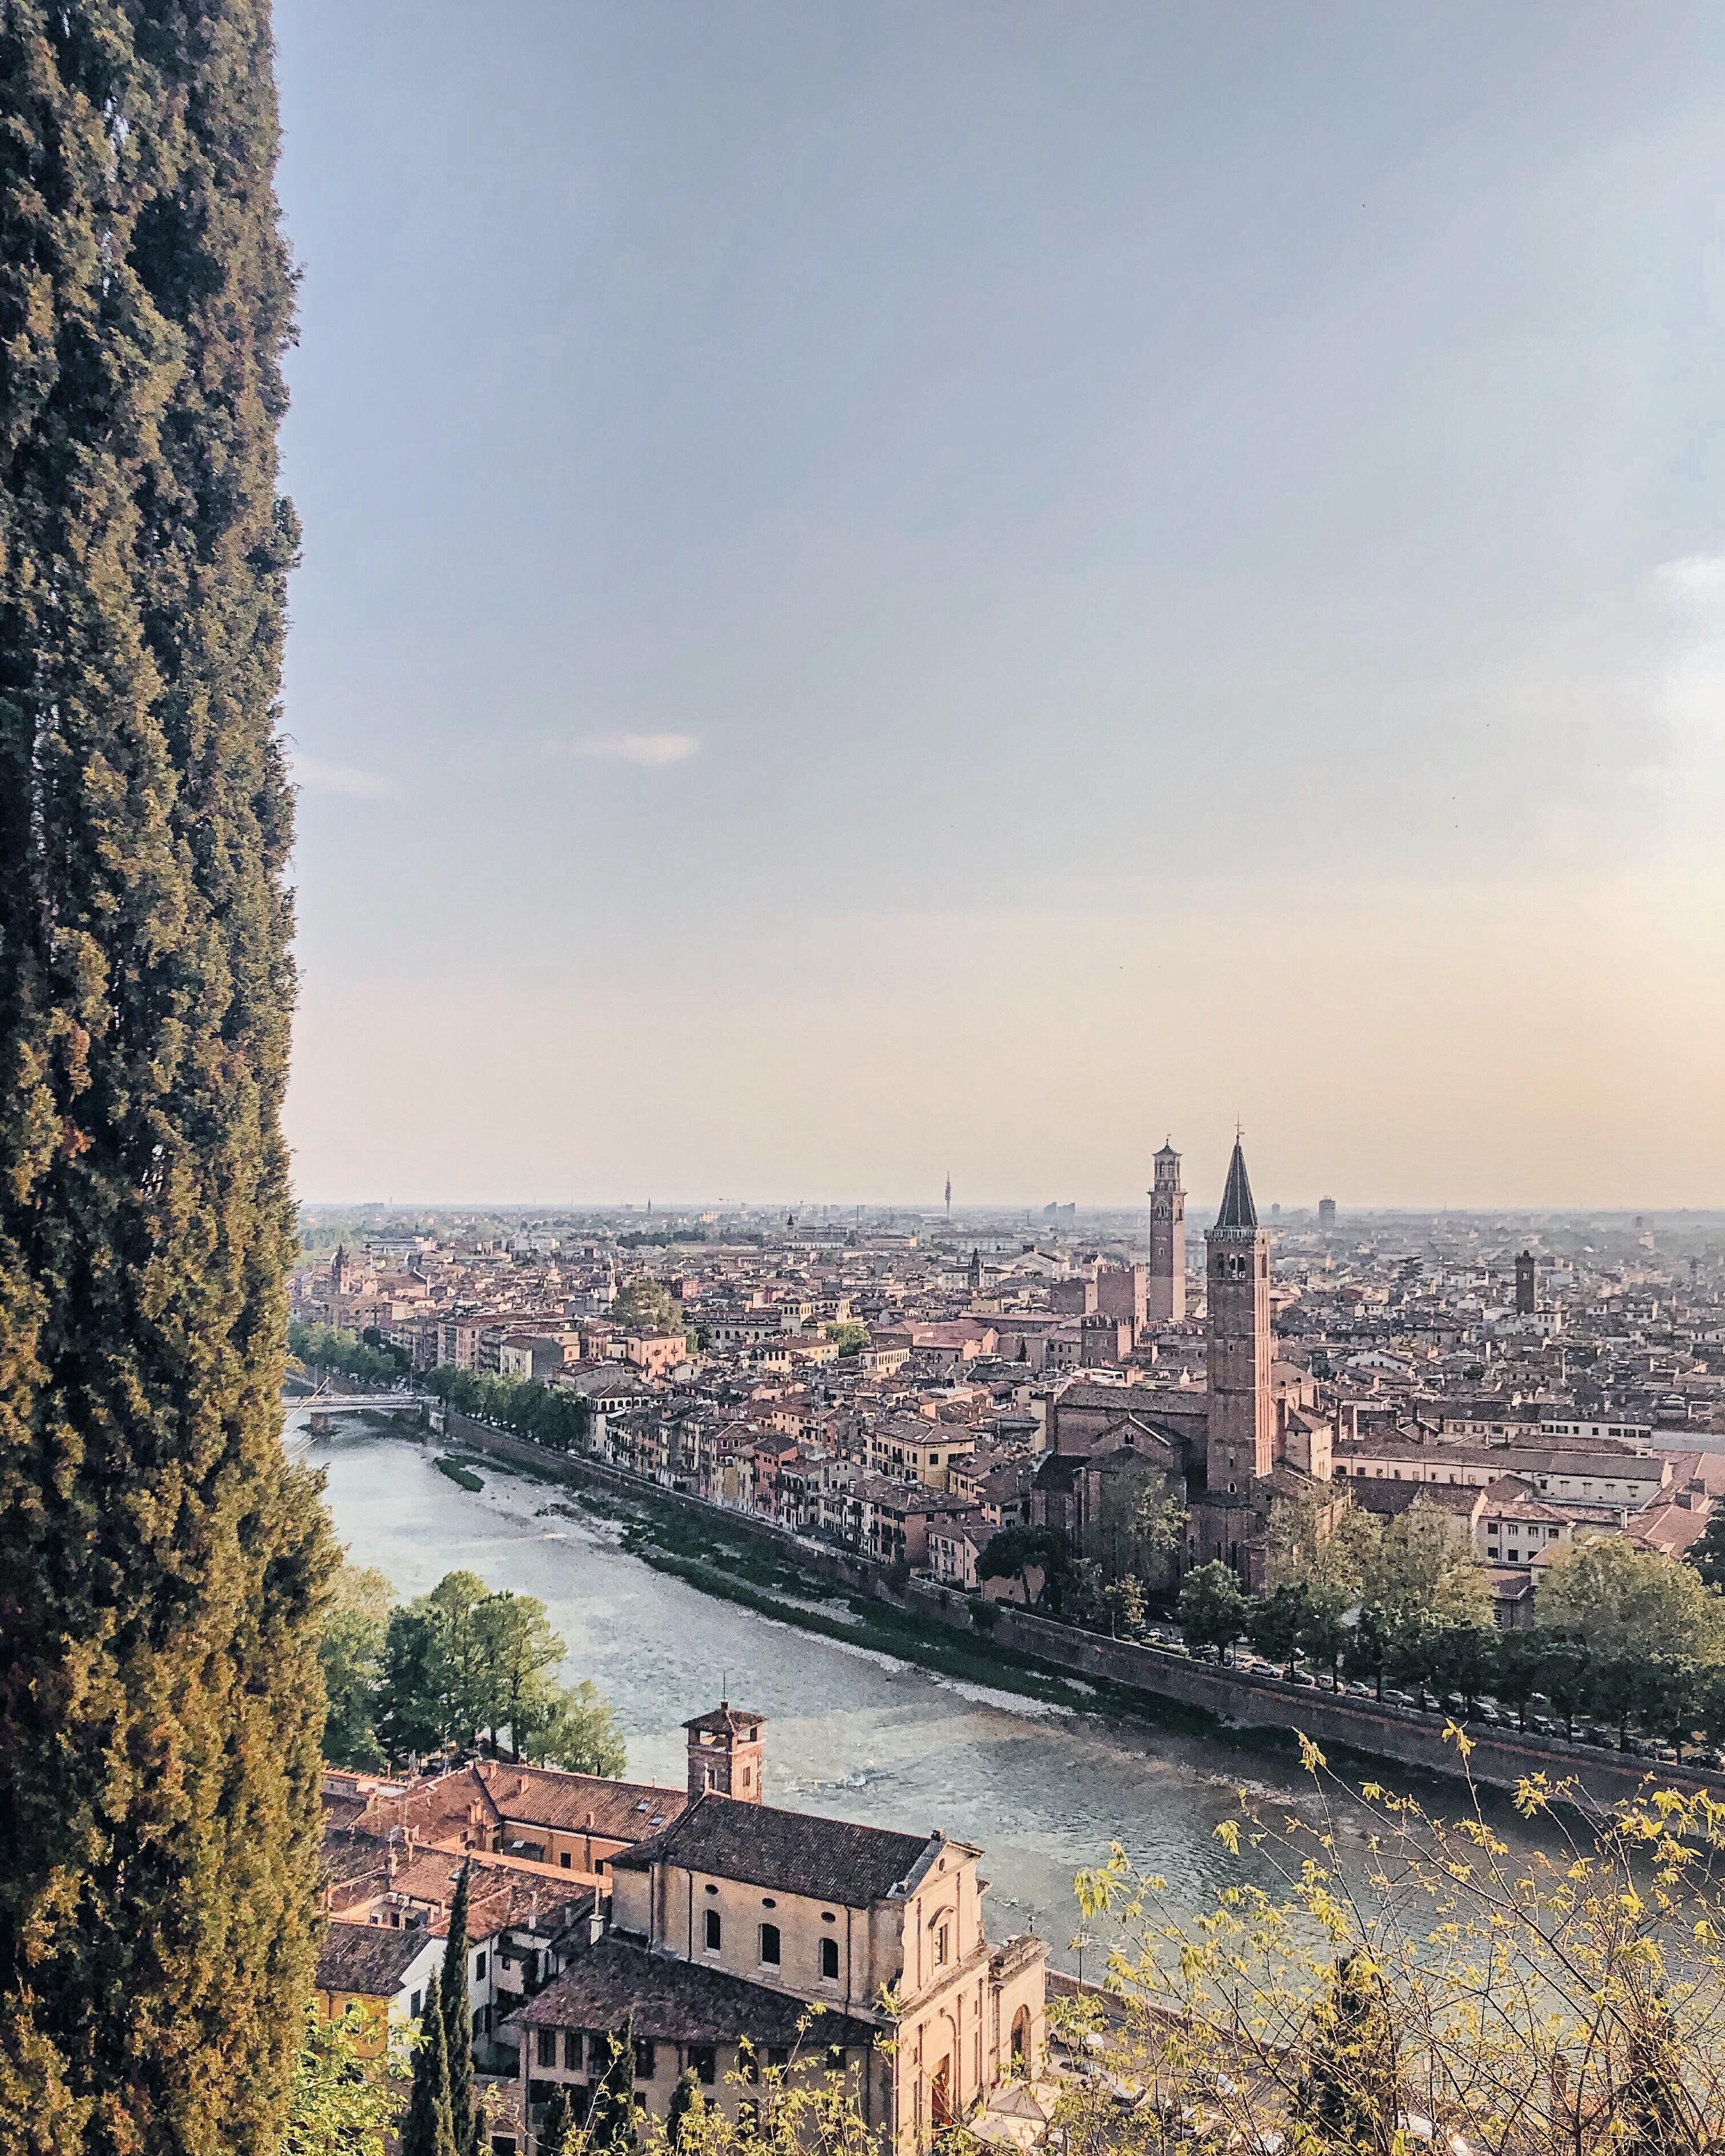 fiume e vista città